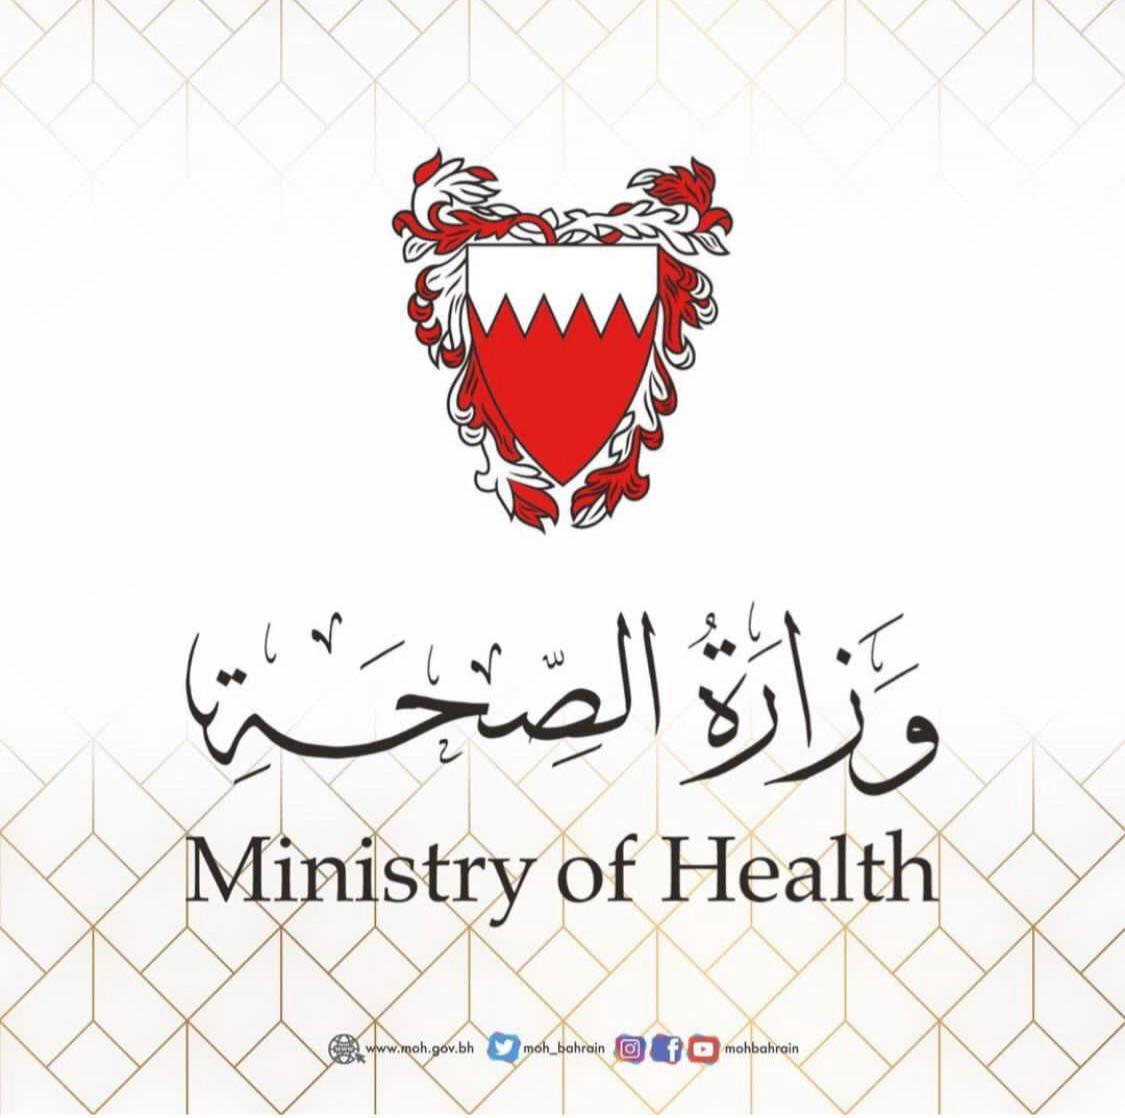 """وزارة الصحة تعلن عن تمديد مجموعة من القرارات المتعلقة بفيروس كورونا """"كوفيد 19"""""""